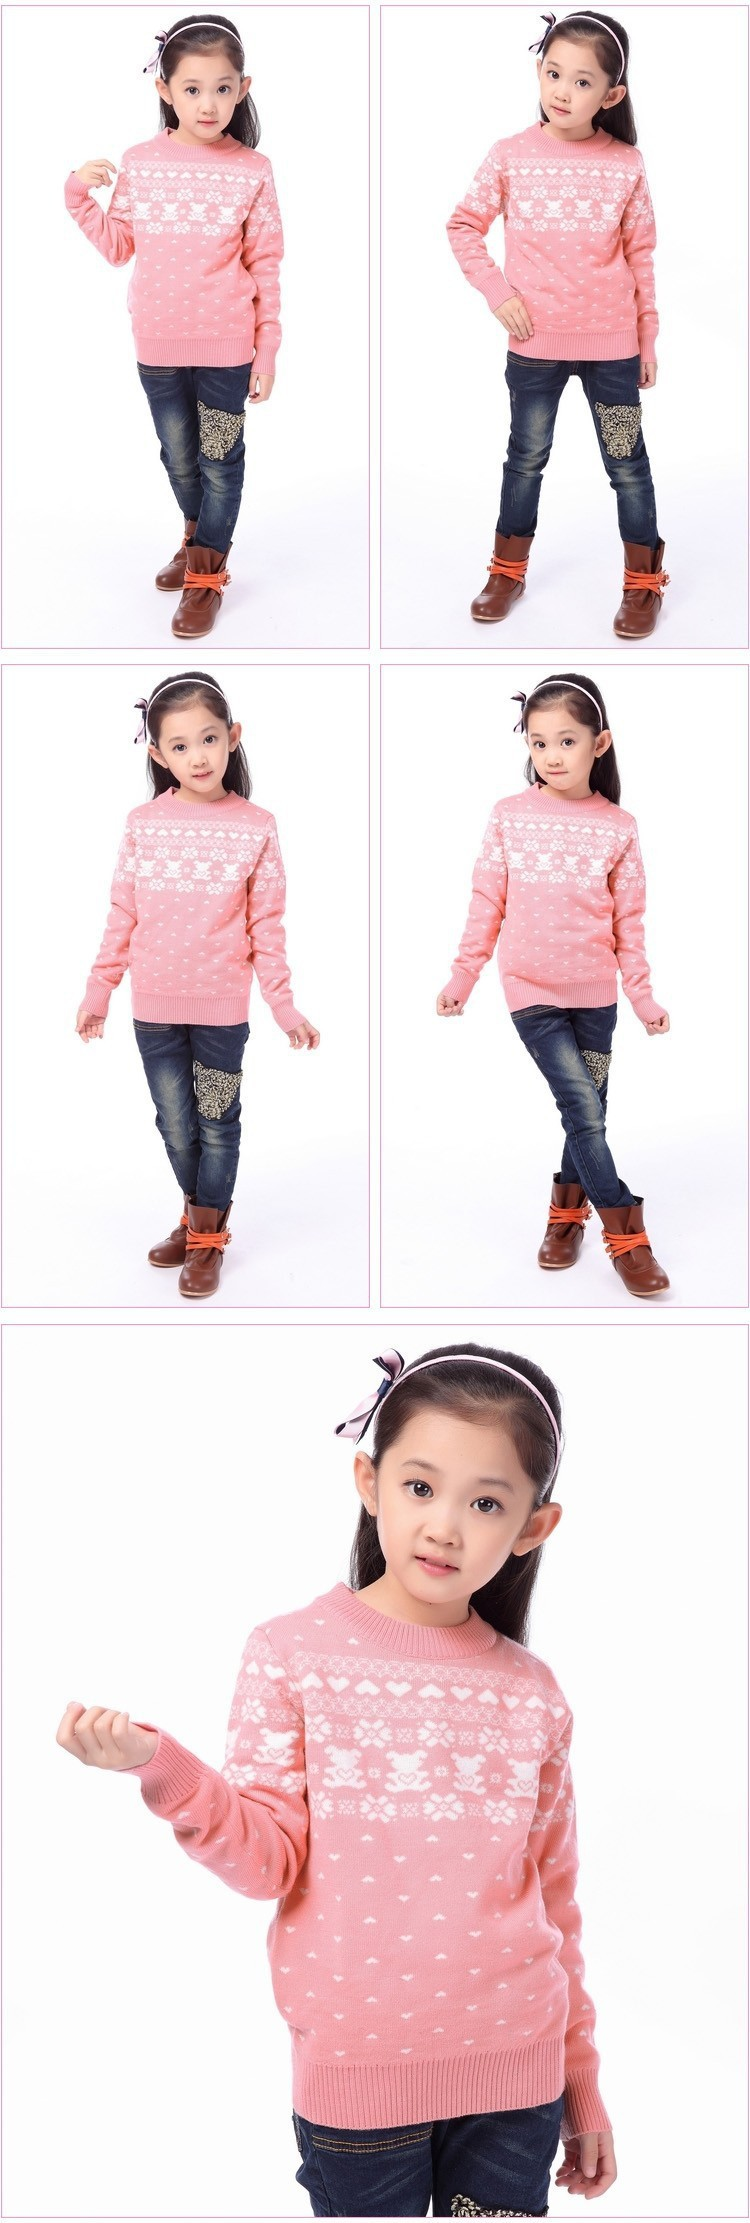 girl sweater-11